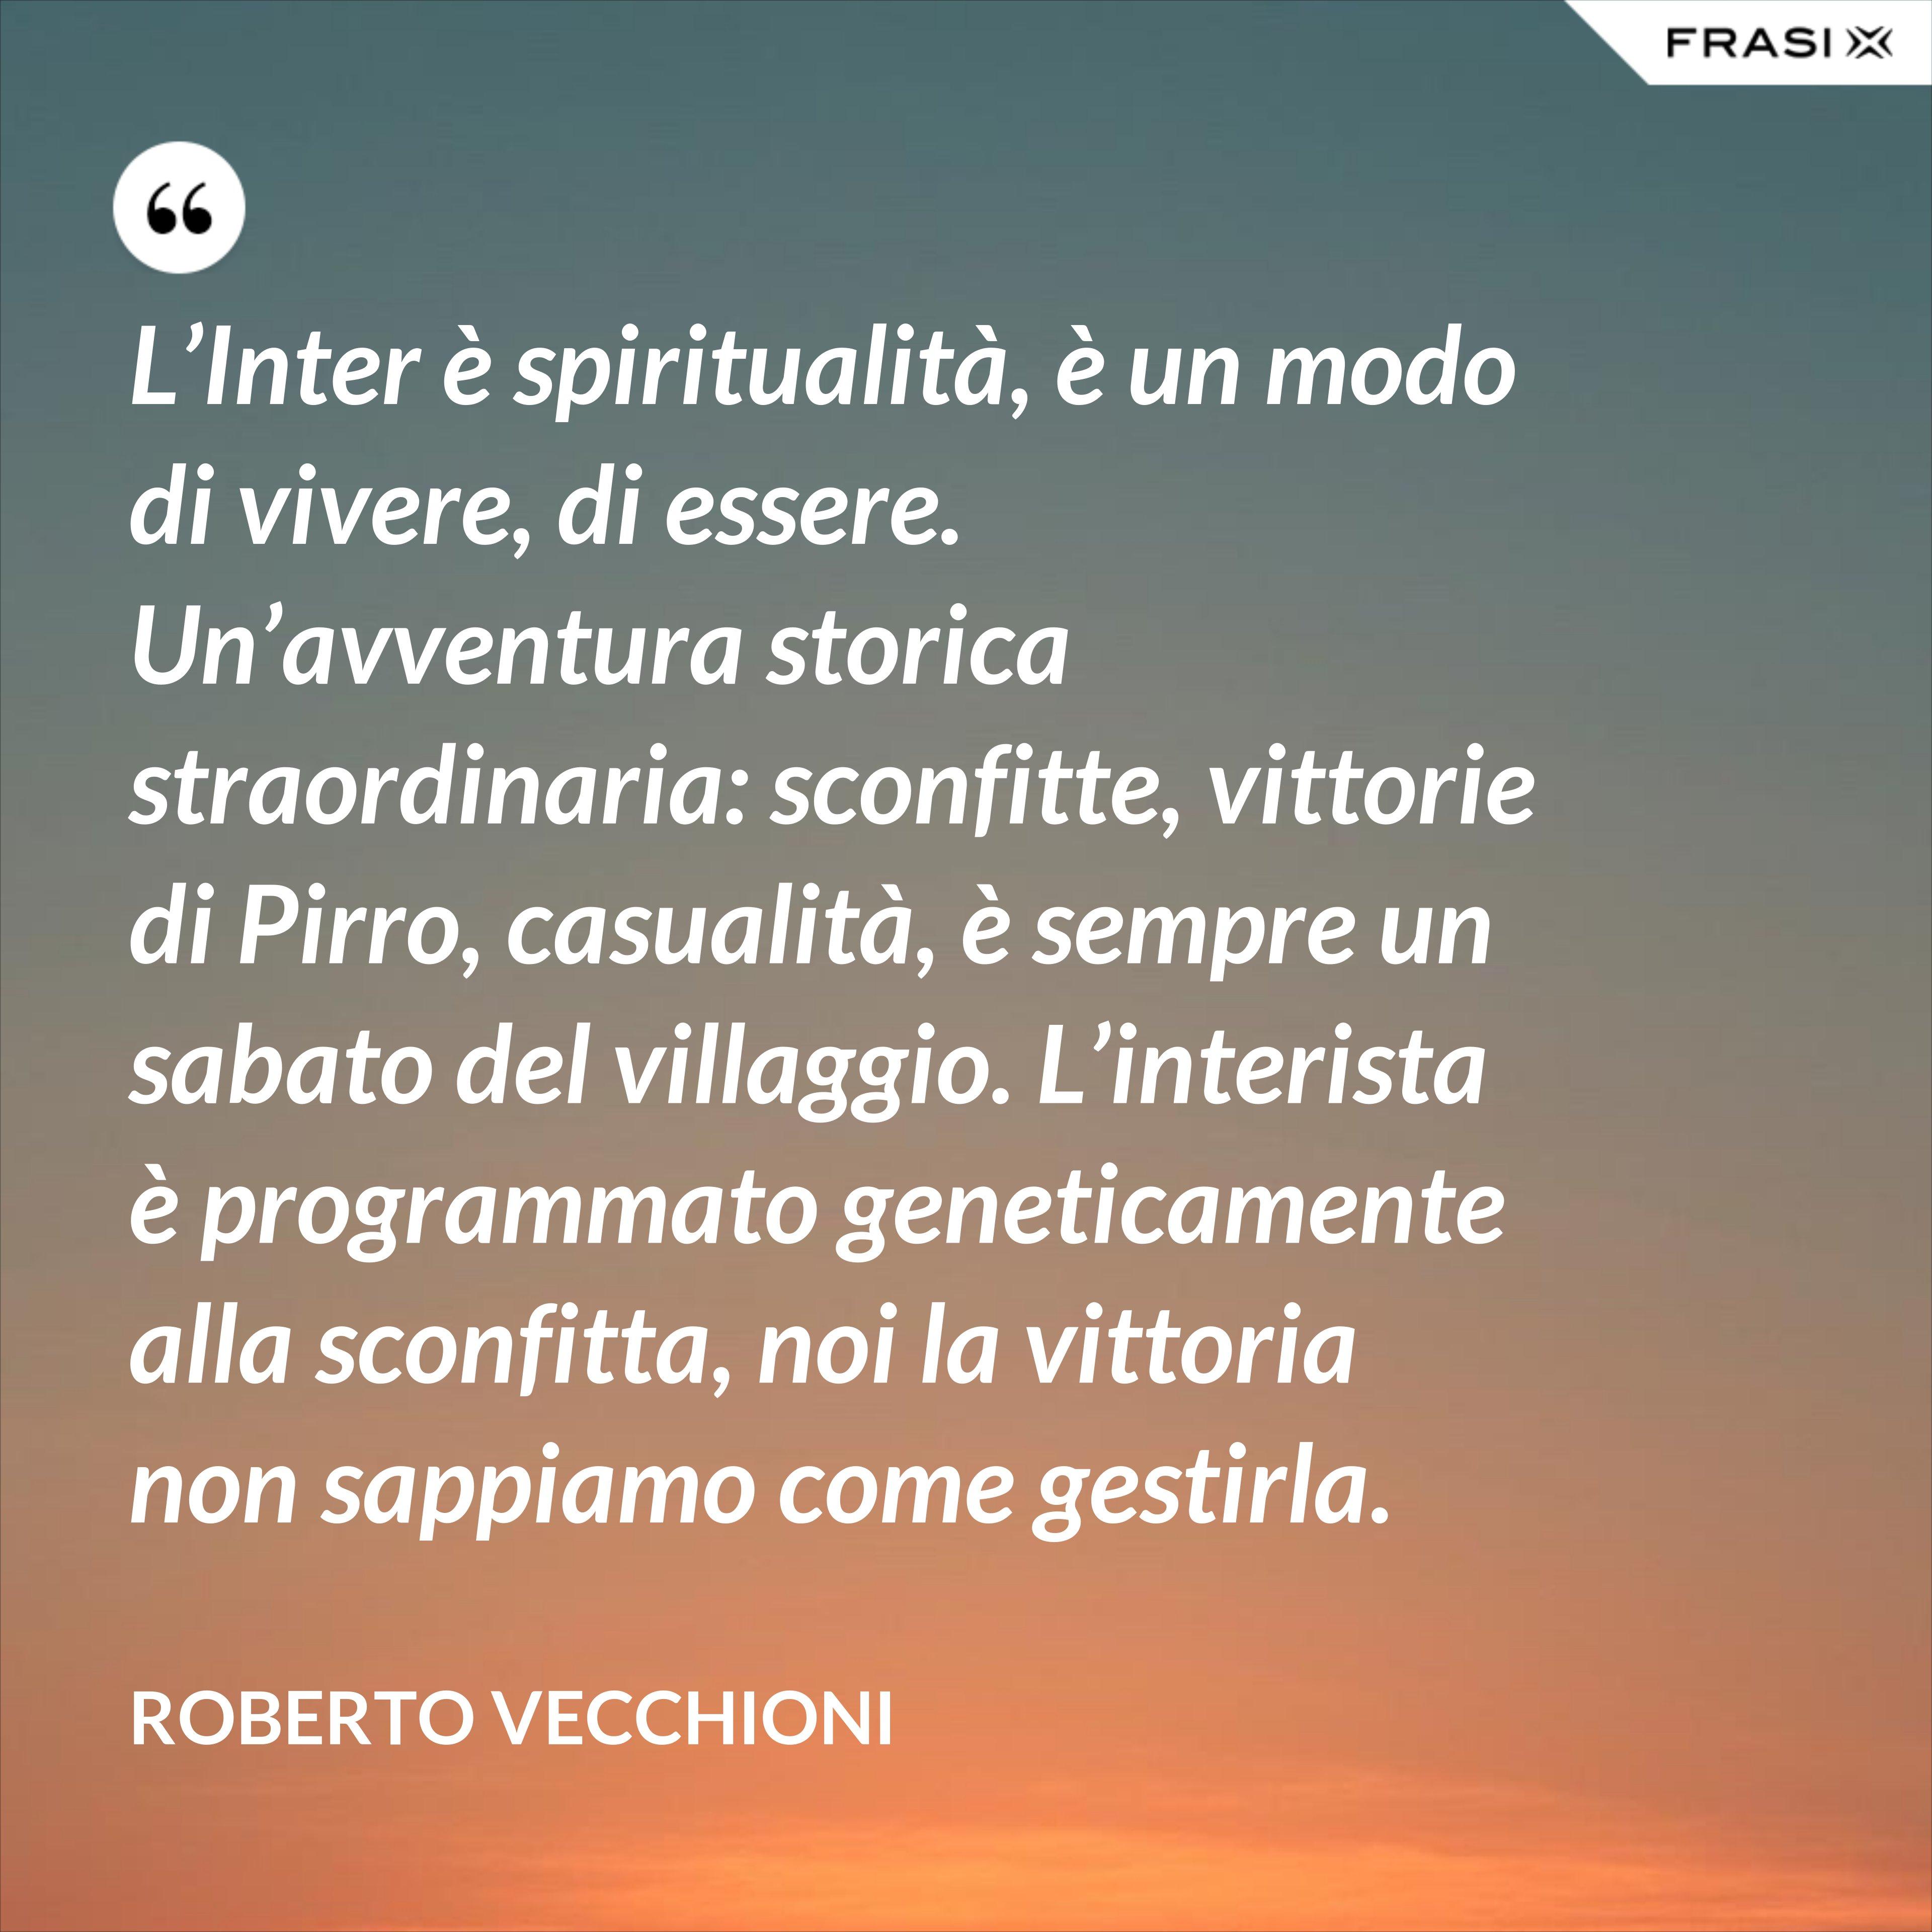 L'Inter è spiritualità, è un modo di vivere, di essere. Un'avventura storica straordinaria: sconfitte, vittorie di Pirro, casualità, è sempre un sabato del villaggio. L'interista è programmato geneticamente alla sconfitta, noi la vittoria non sappiamo come gestirla. - Roberto Vecchioni